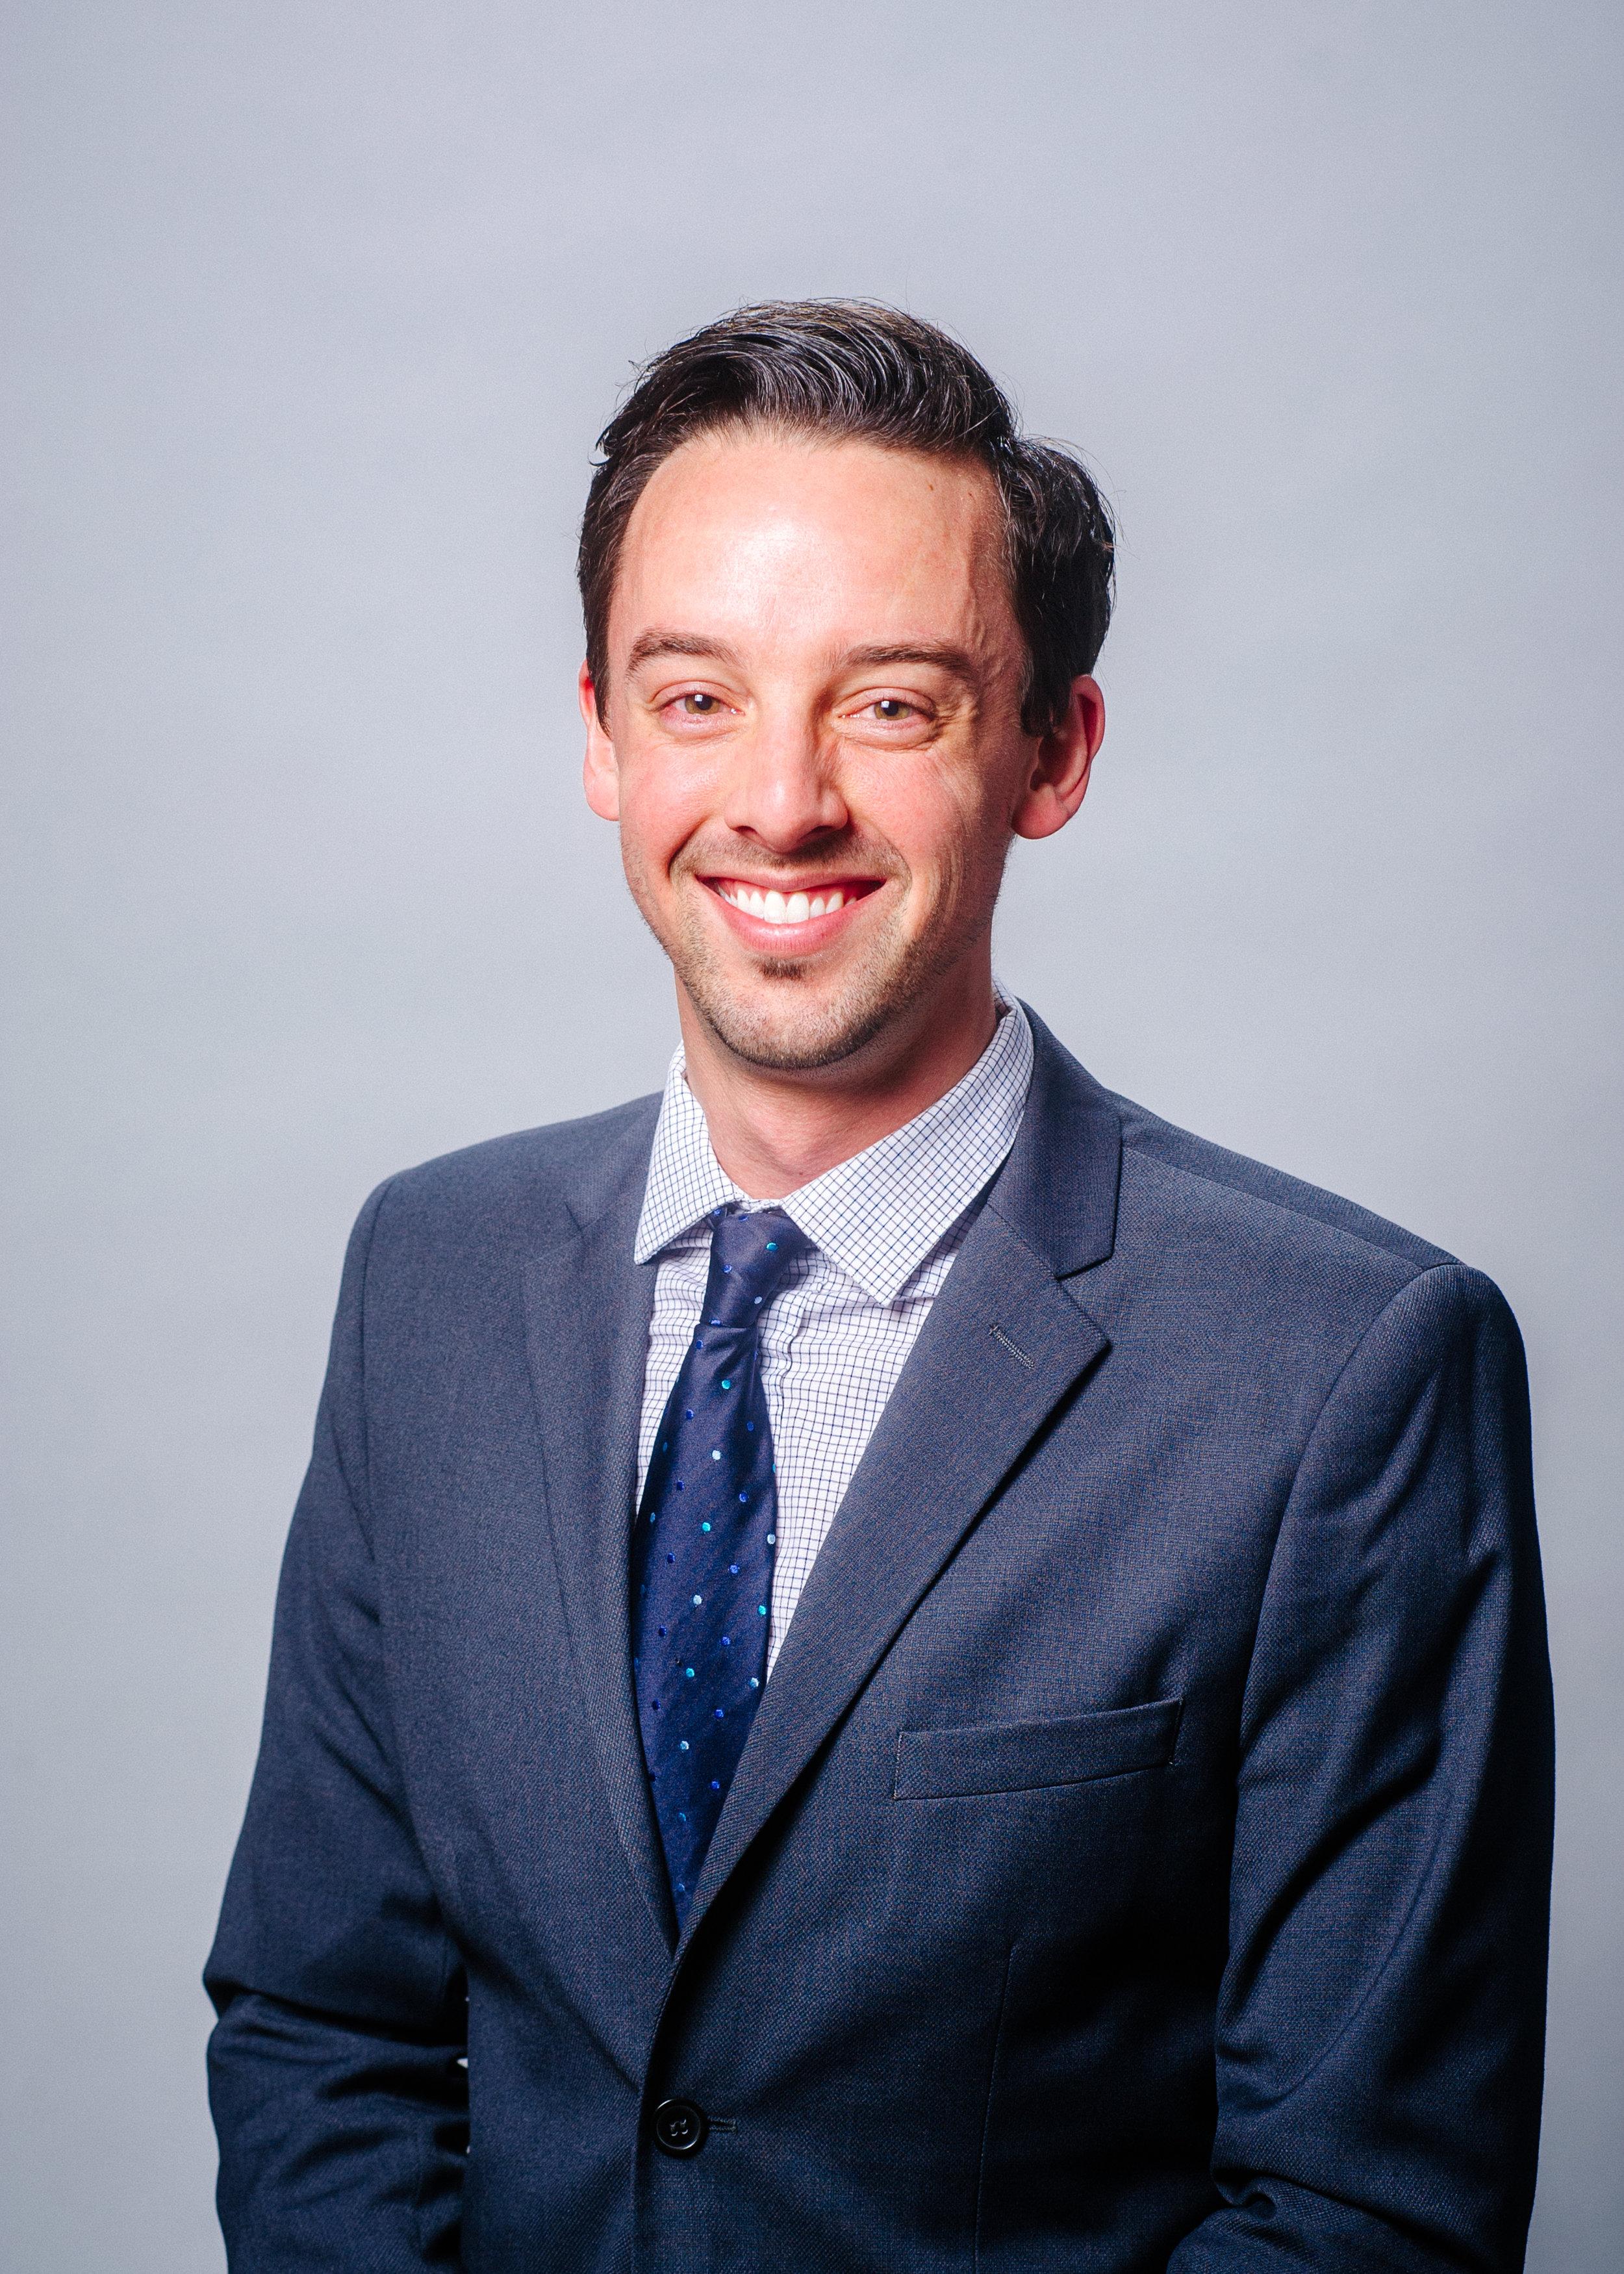 Matt Ithurburn, PT, DPT, PhD, OCS